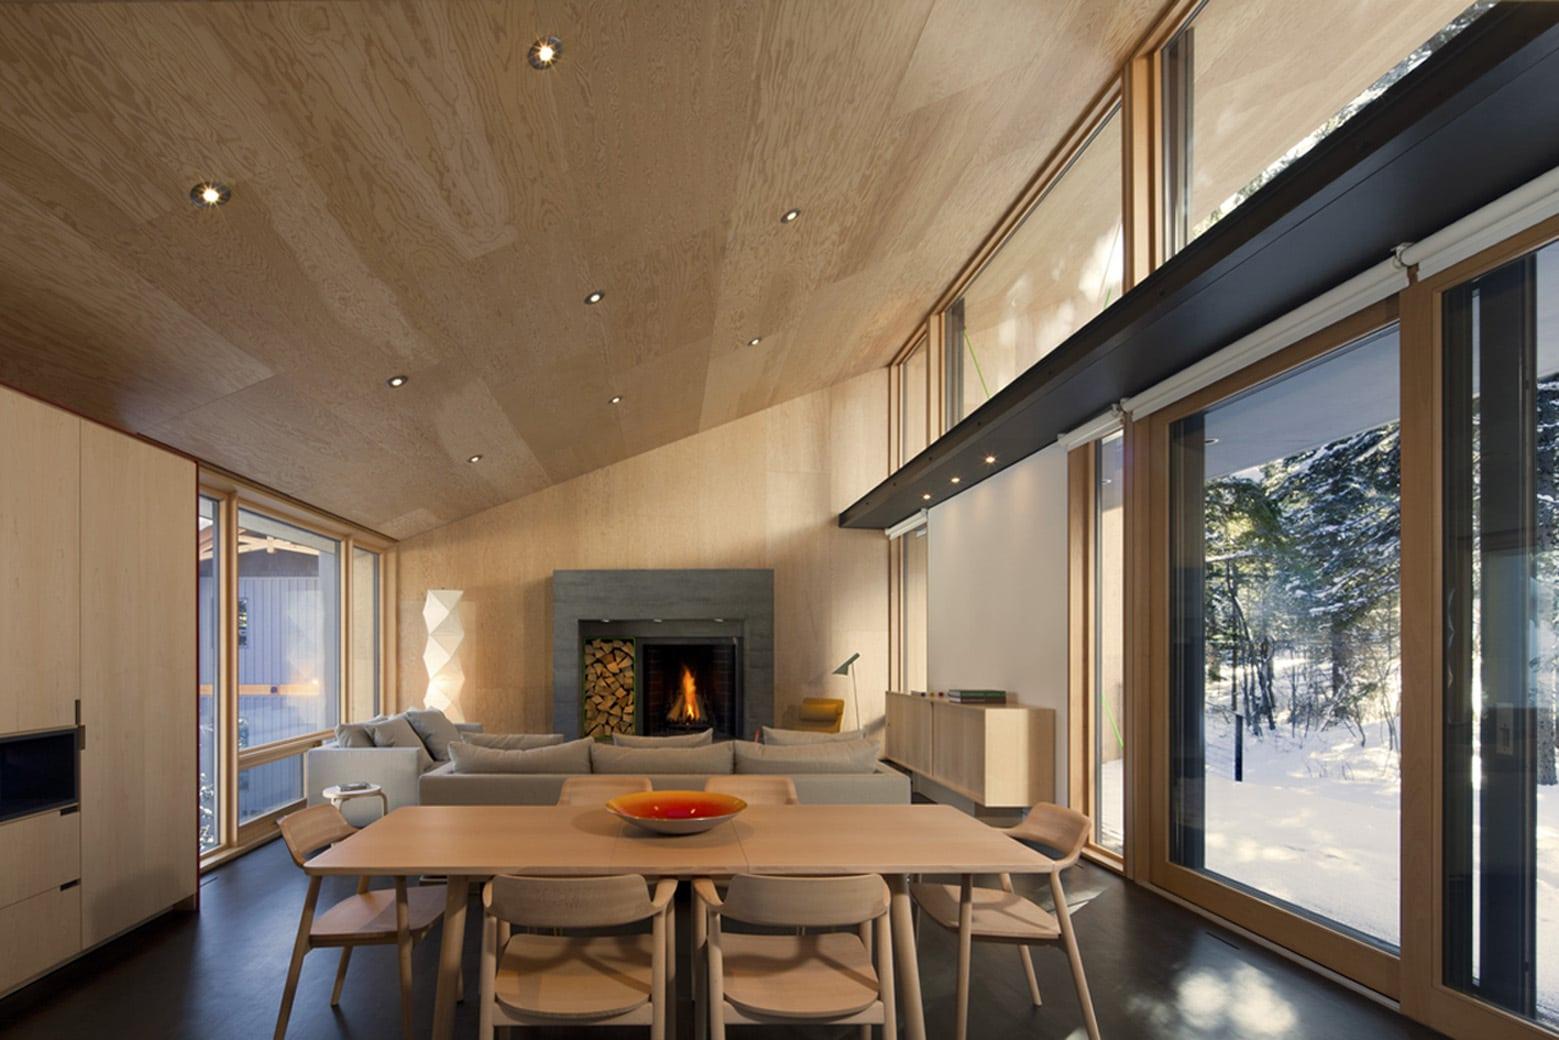 Dise o de casa dividida en dos partes planos e interiores for Donde se estudia diseno de interiores